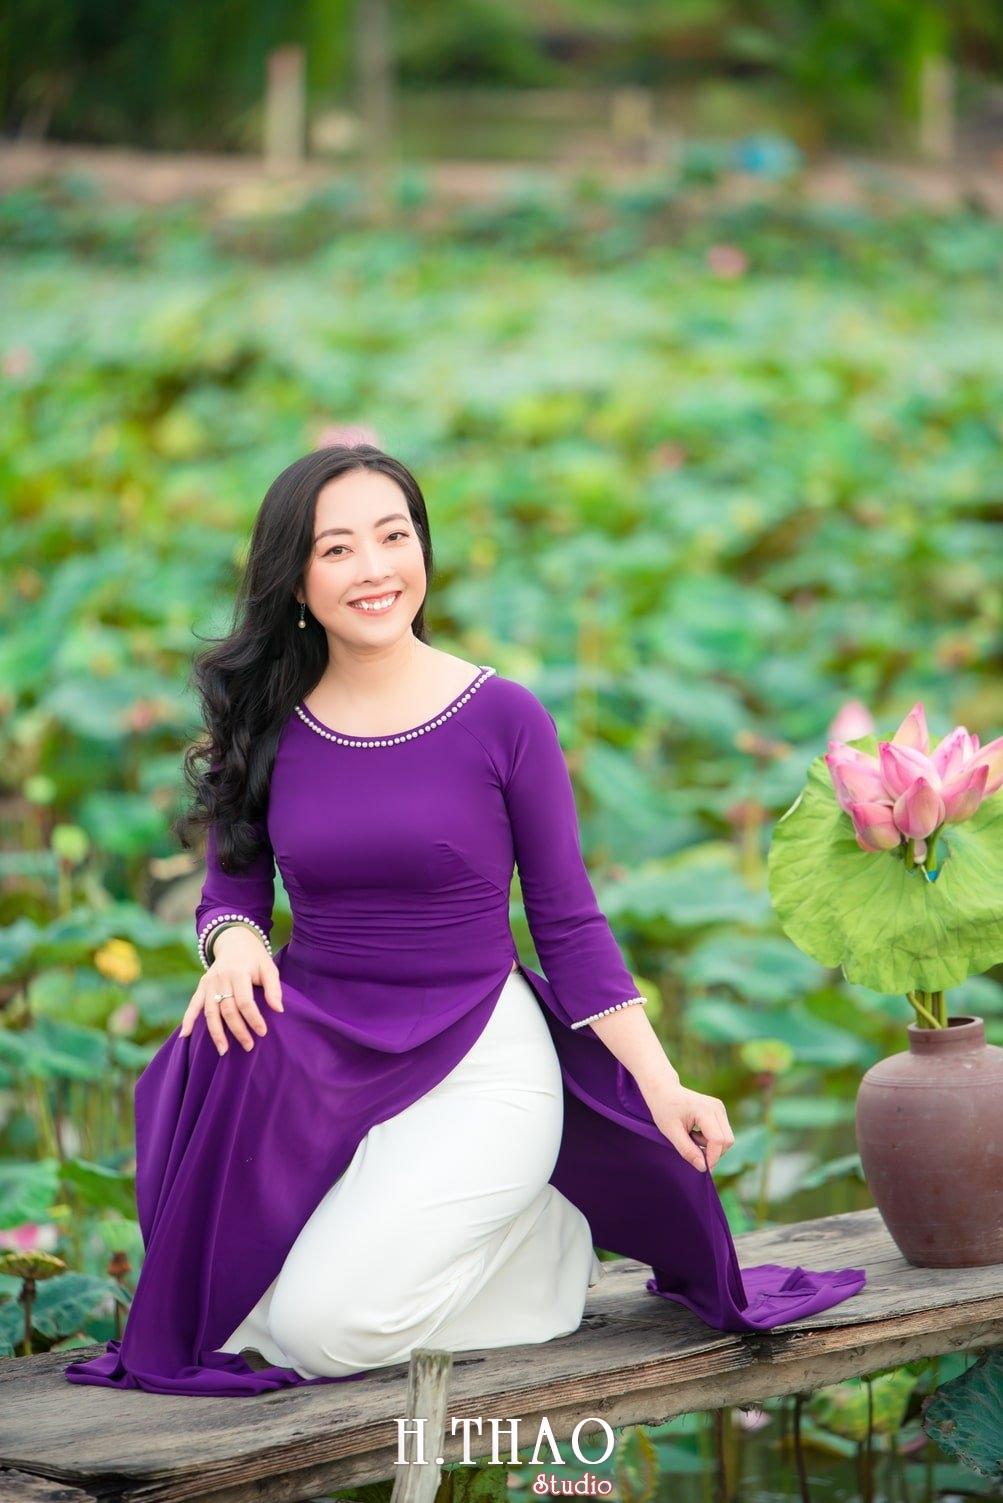 Anh Hoa sen tam da 11 - Bộ ảnh hoa sen với áo dài tím đẹp dễ thương - HThao Studio